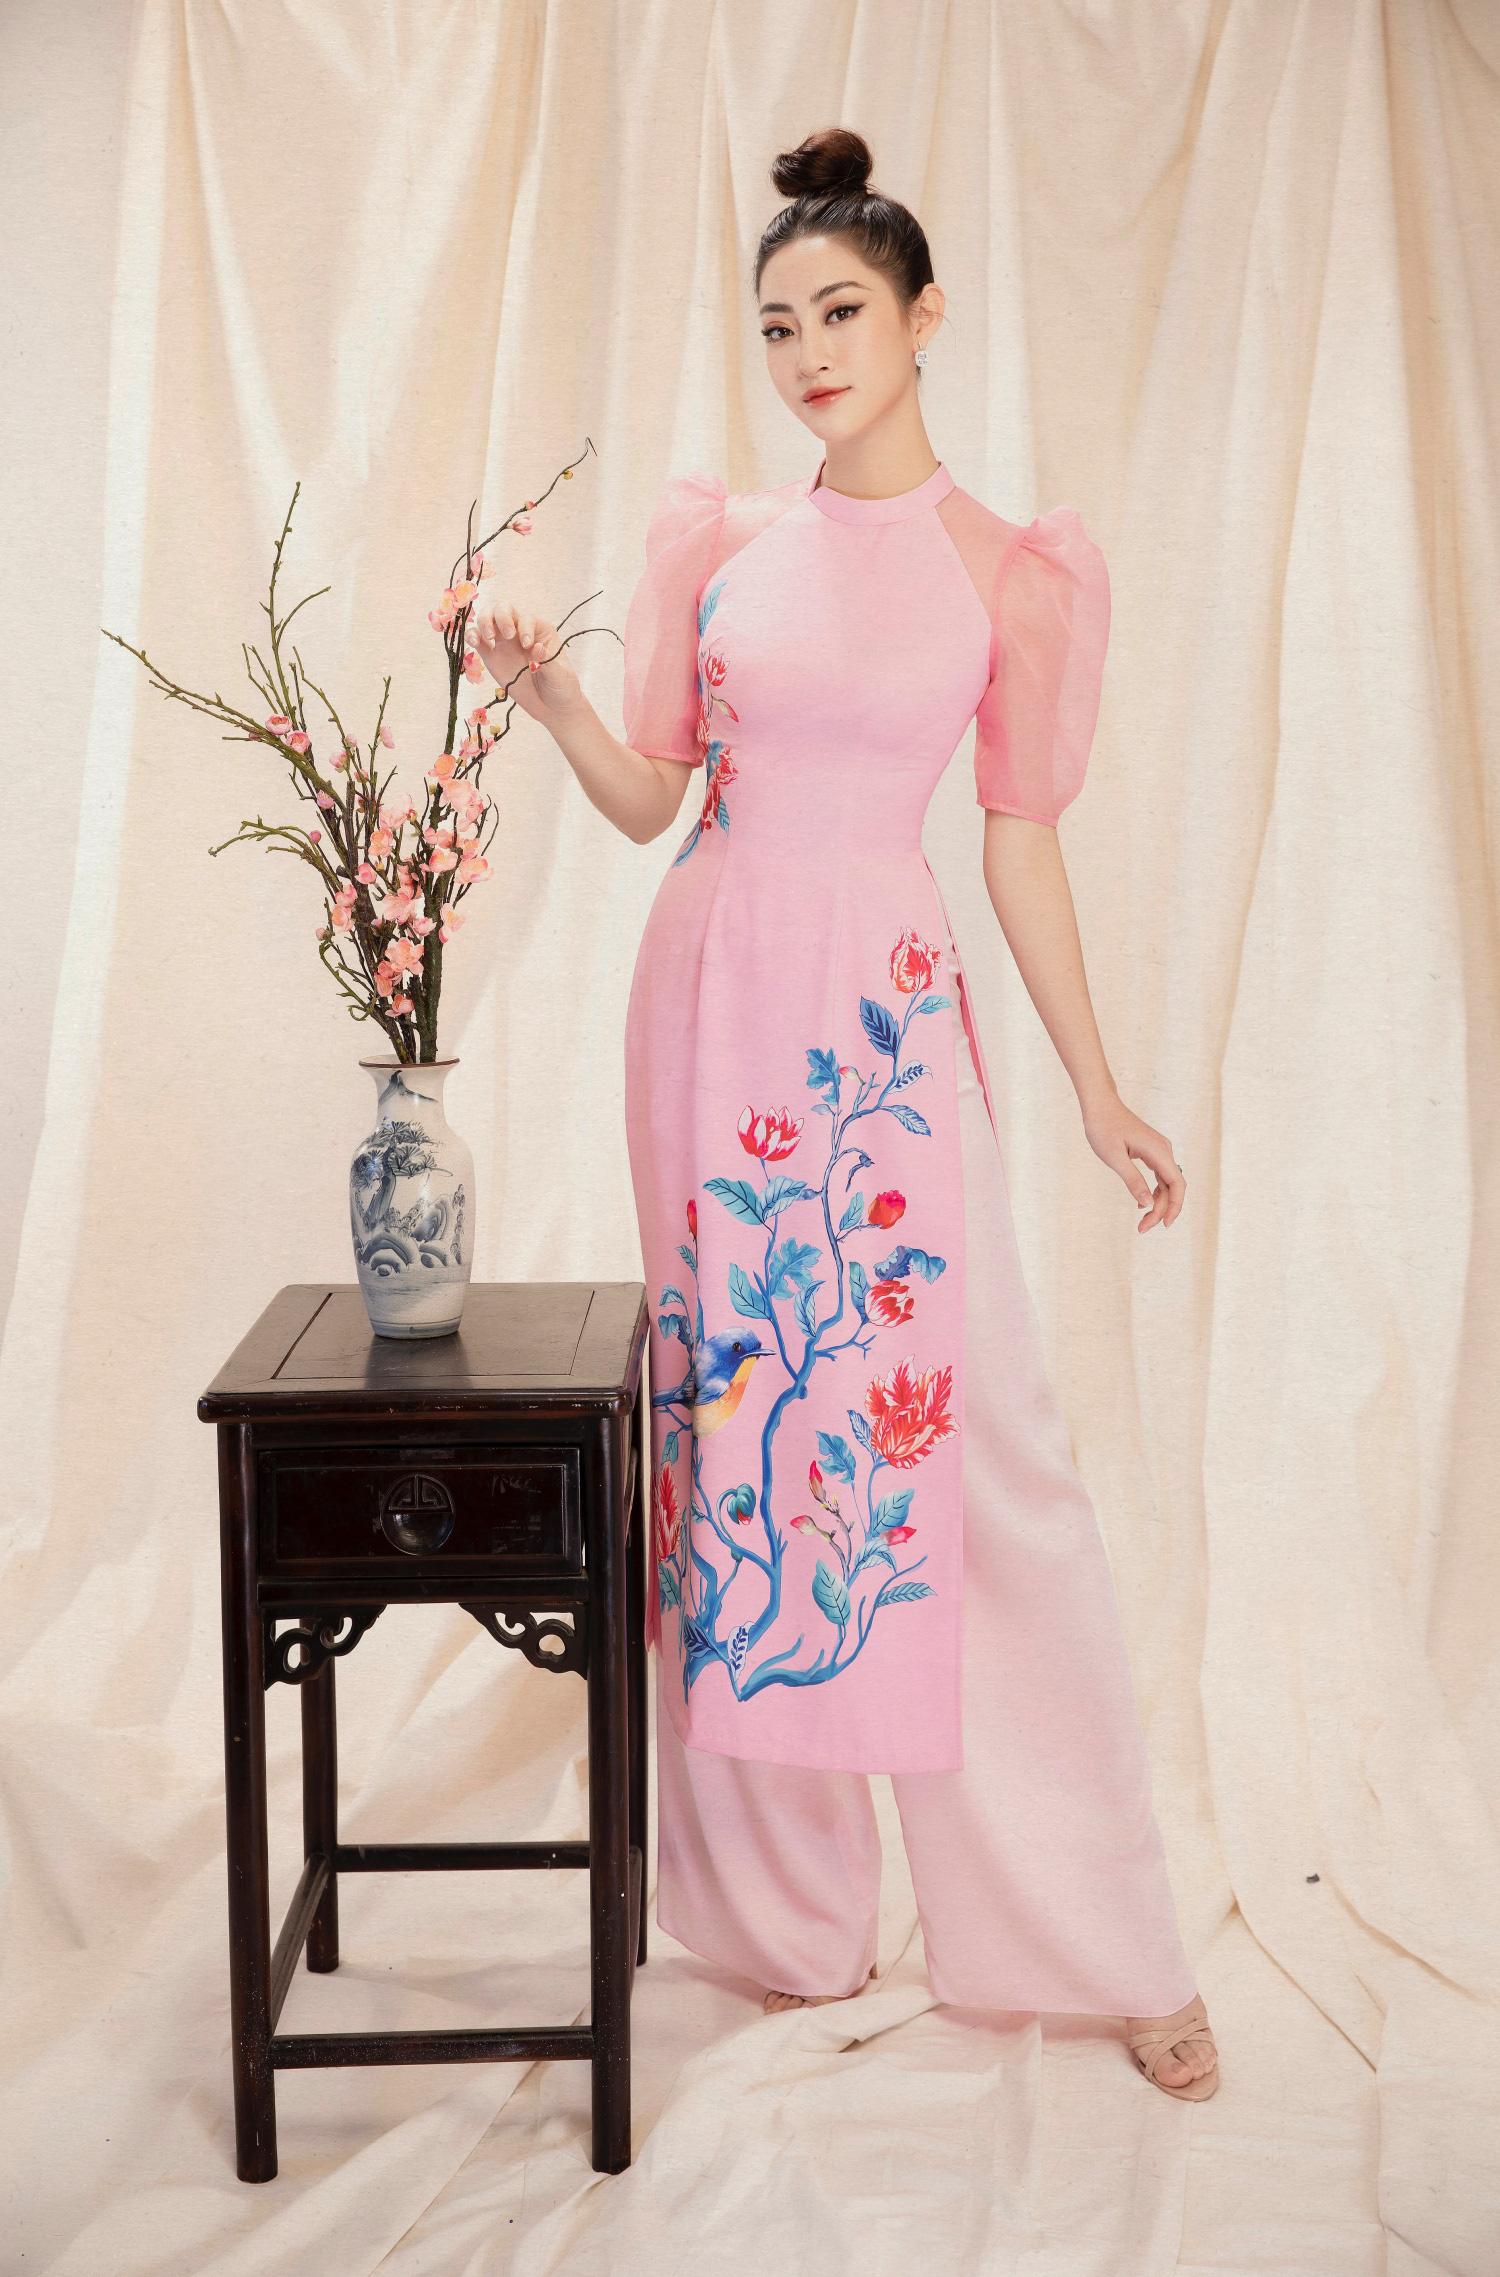 Diện áo dài đẹp như hoa hậu Lương Thuỳ Linh - Báo Người lao động